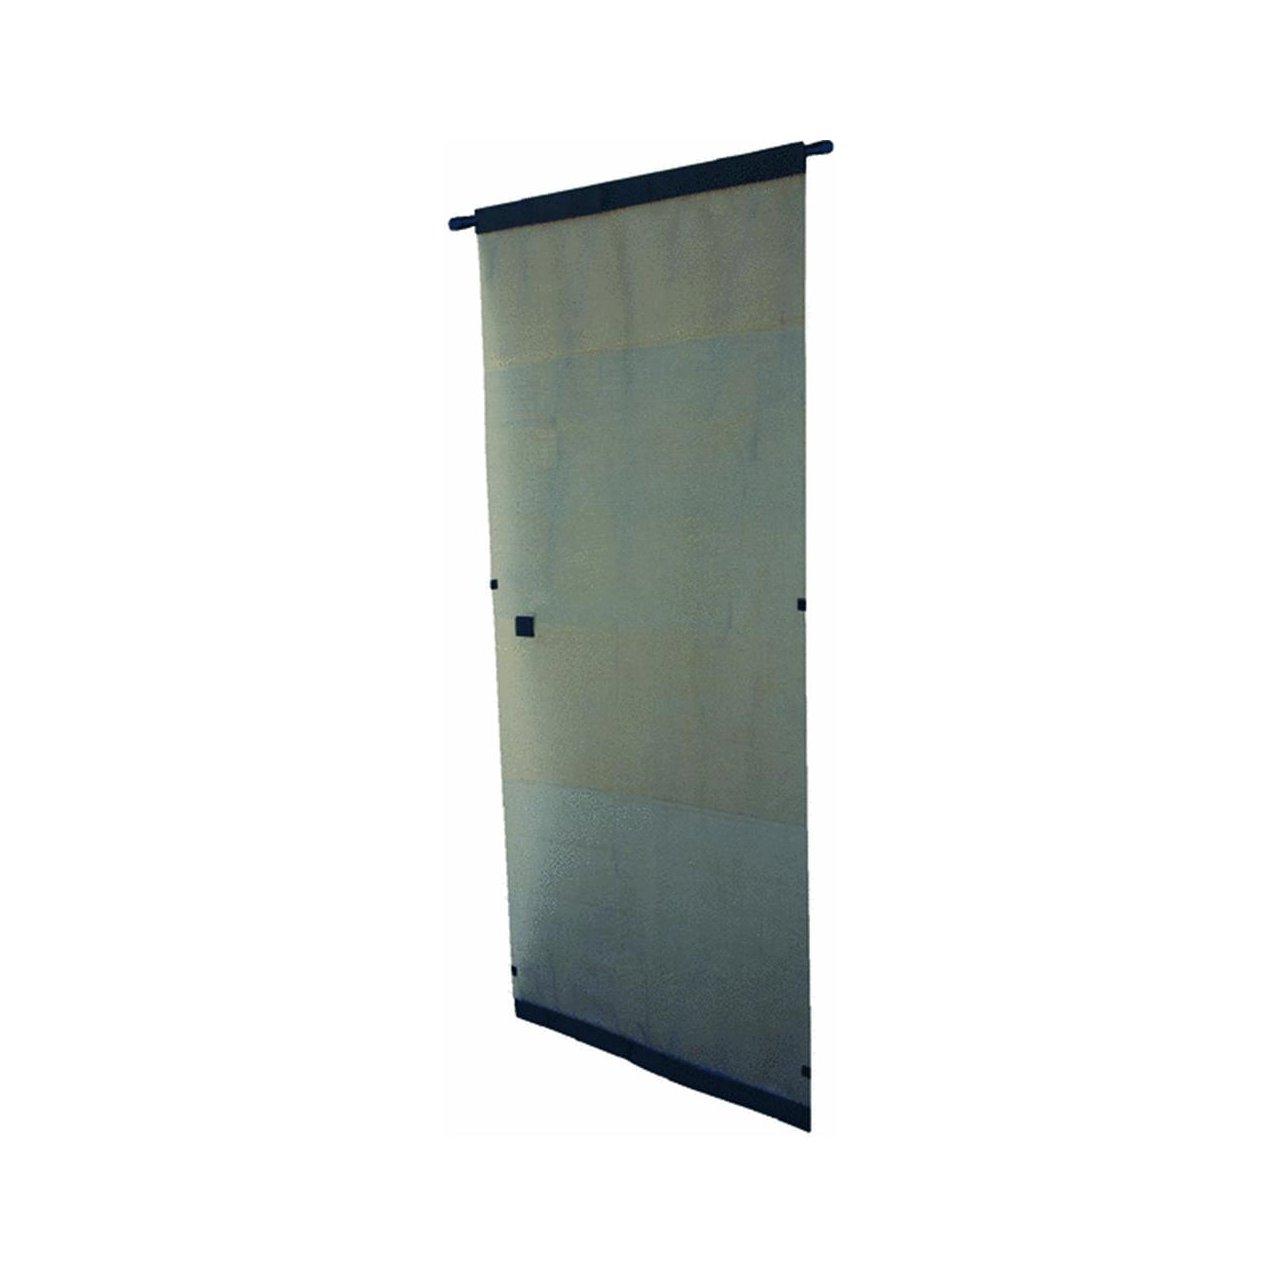 Diy Screen Door Kit Screen Doors Amazoncom Building Supplies Exterior Doors